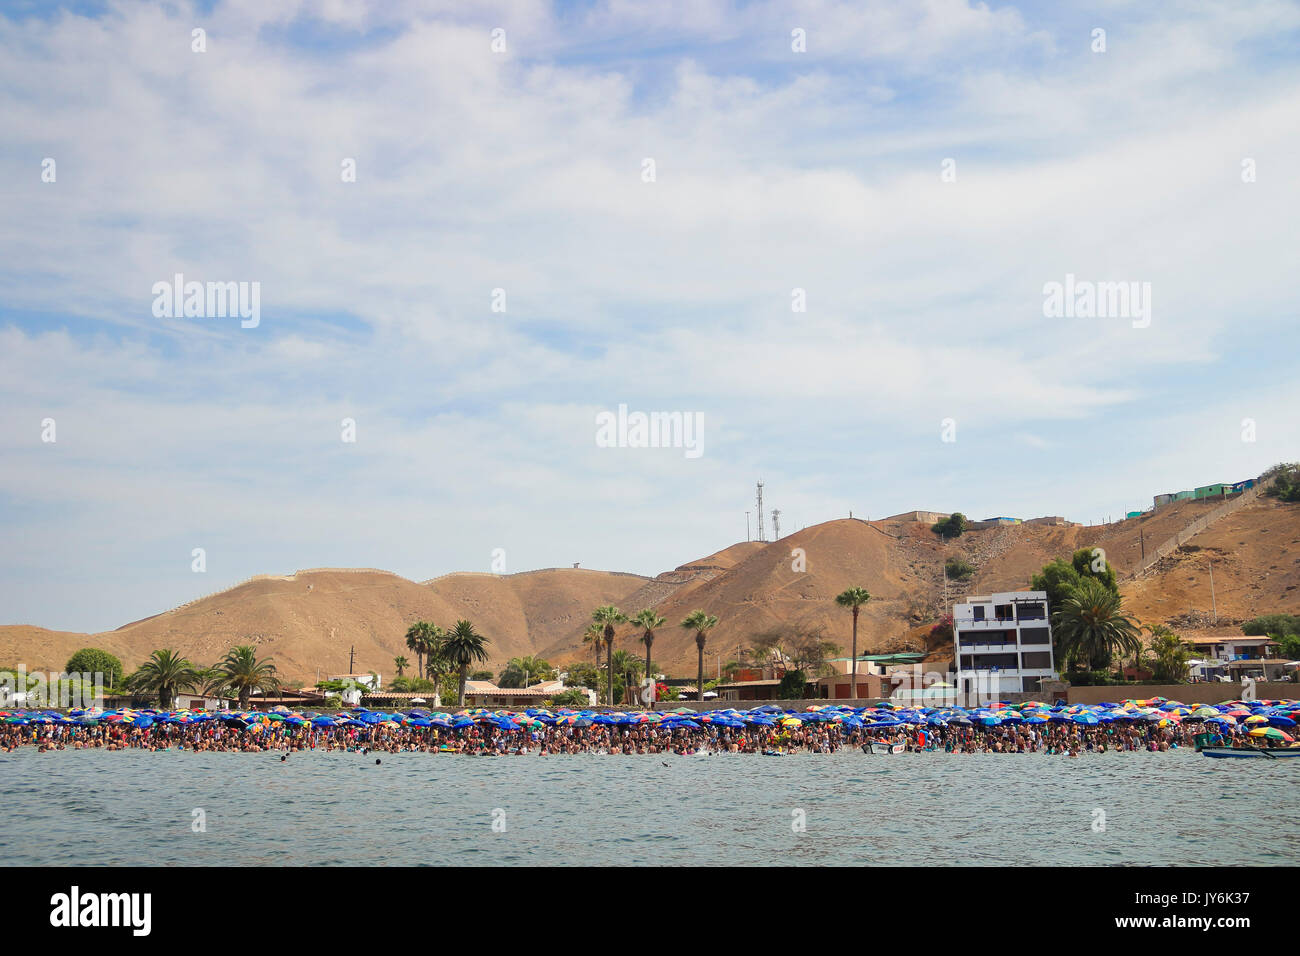 Aglomeración de personas en la playa durante un verano cualquiera; la toma fue hecha desde un bote. Stock Photo